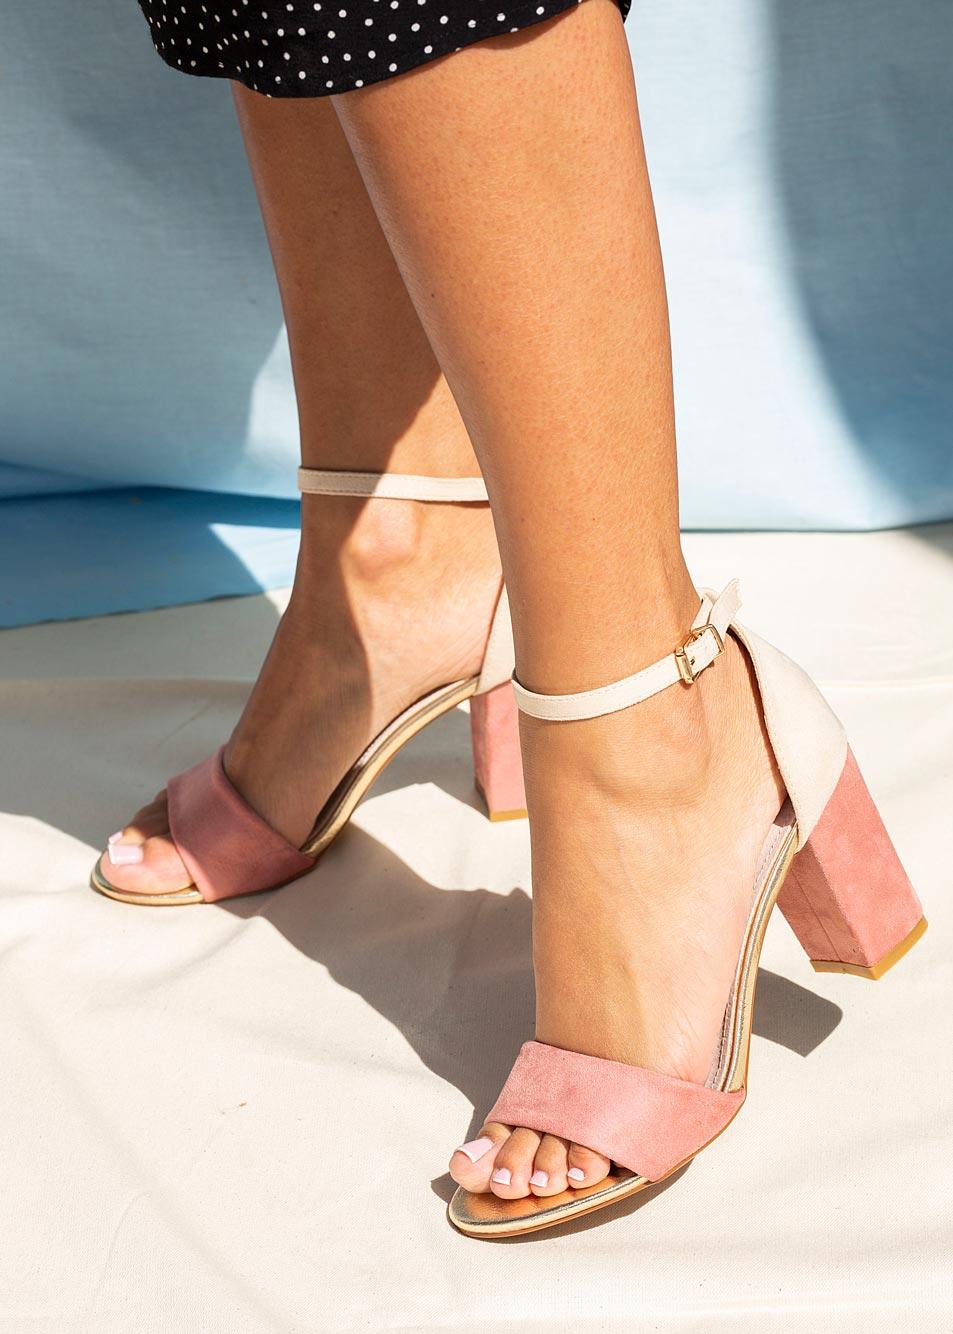 Różowe sandały na słupku z zakrytą piętą paskiem wokół kostki ze skórzaną wkładką Casu ER20X2/P producent Casu